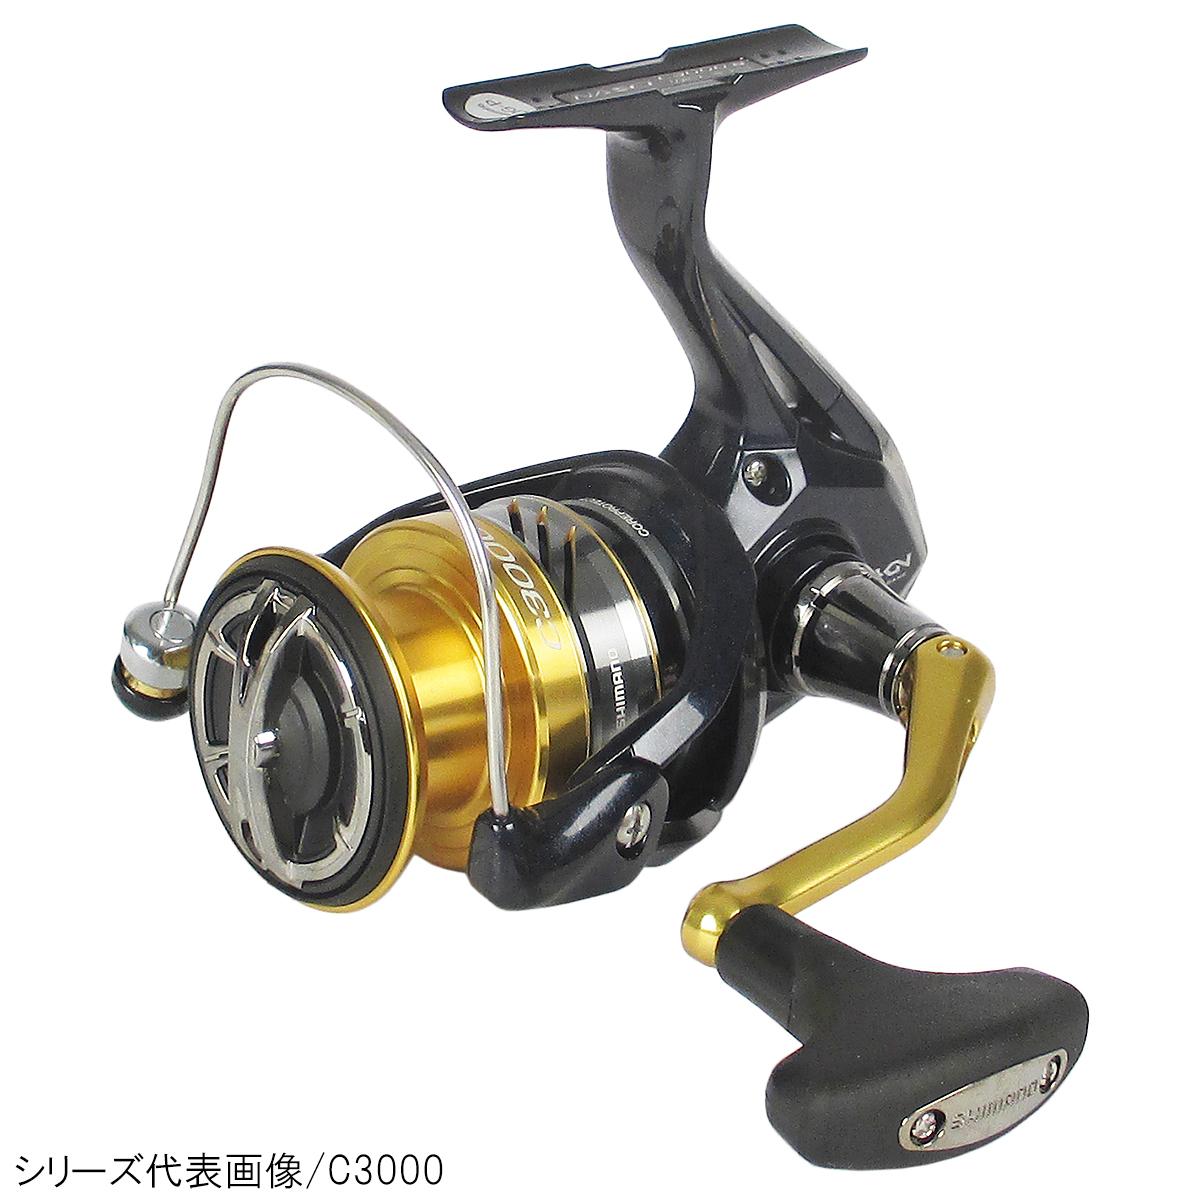 シマノ ナスキー C3000HG(東日本店)